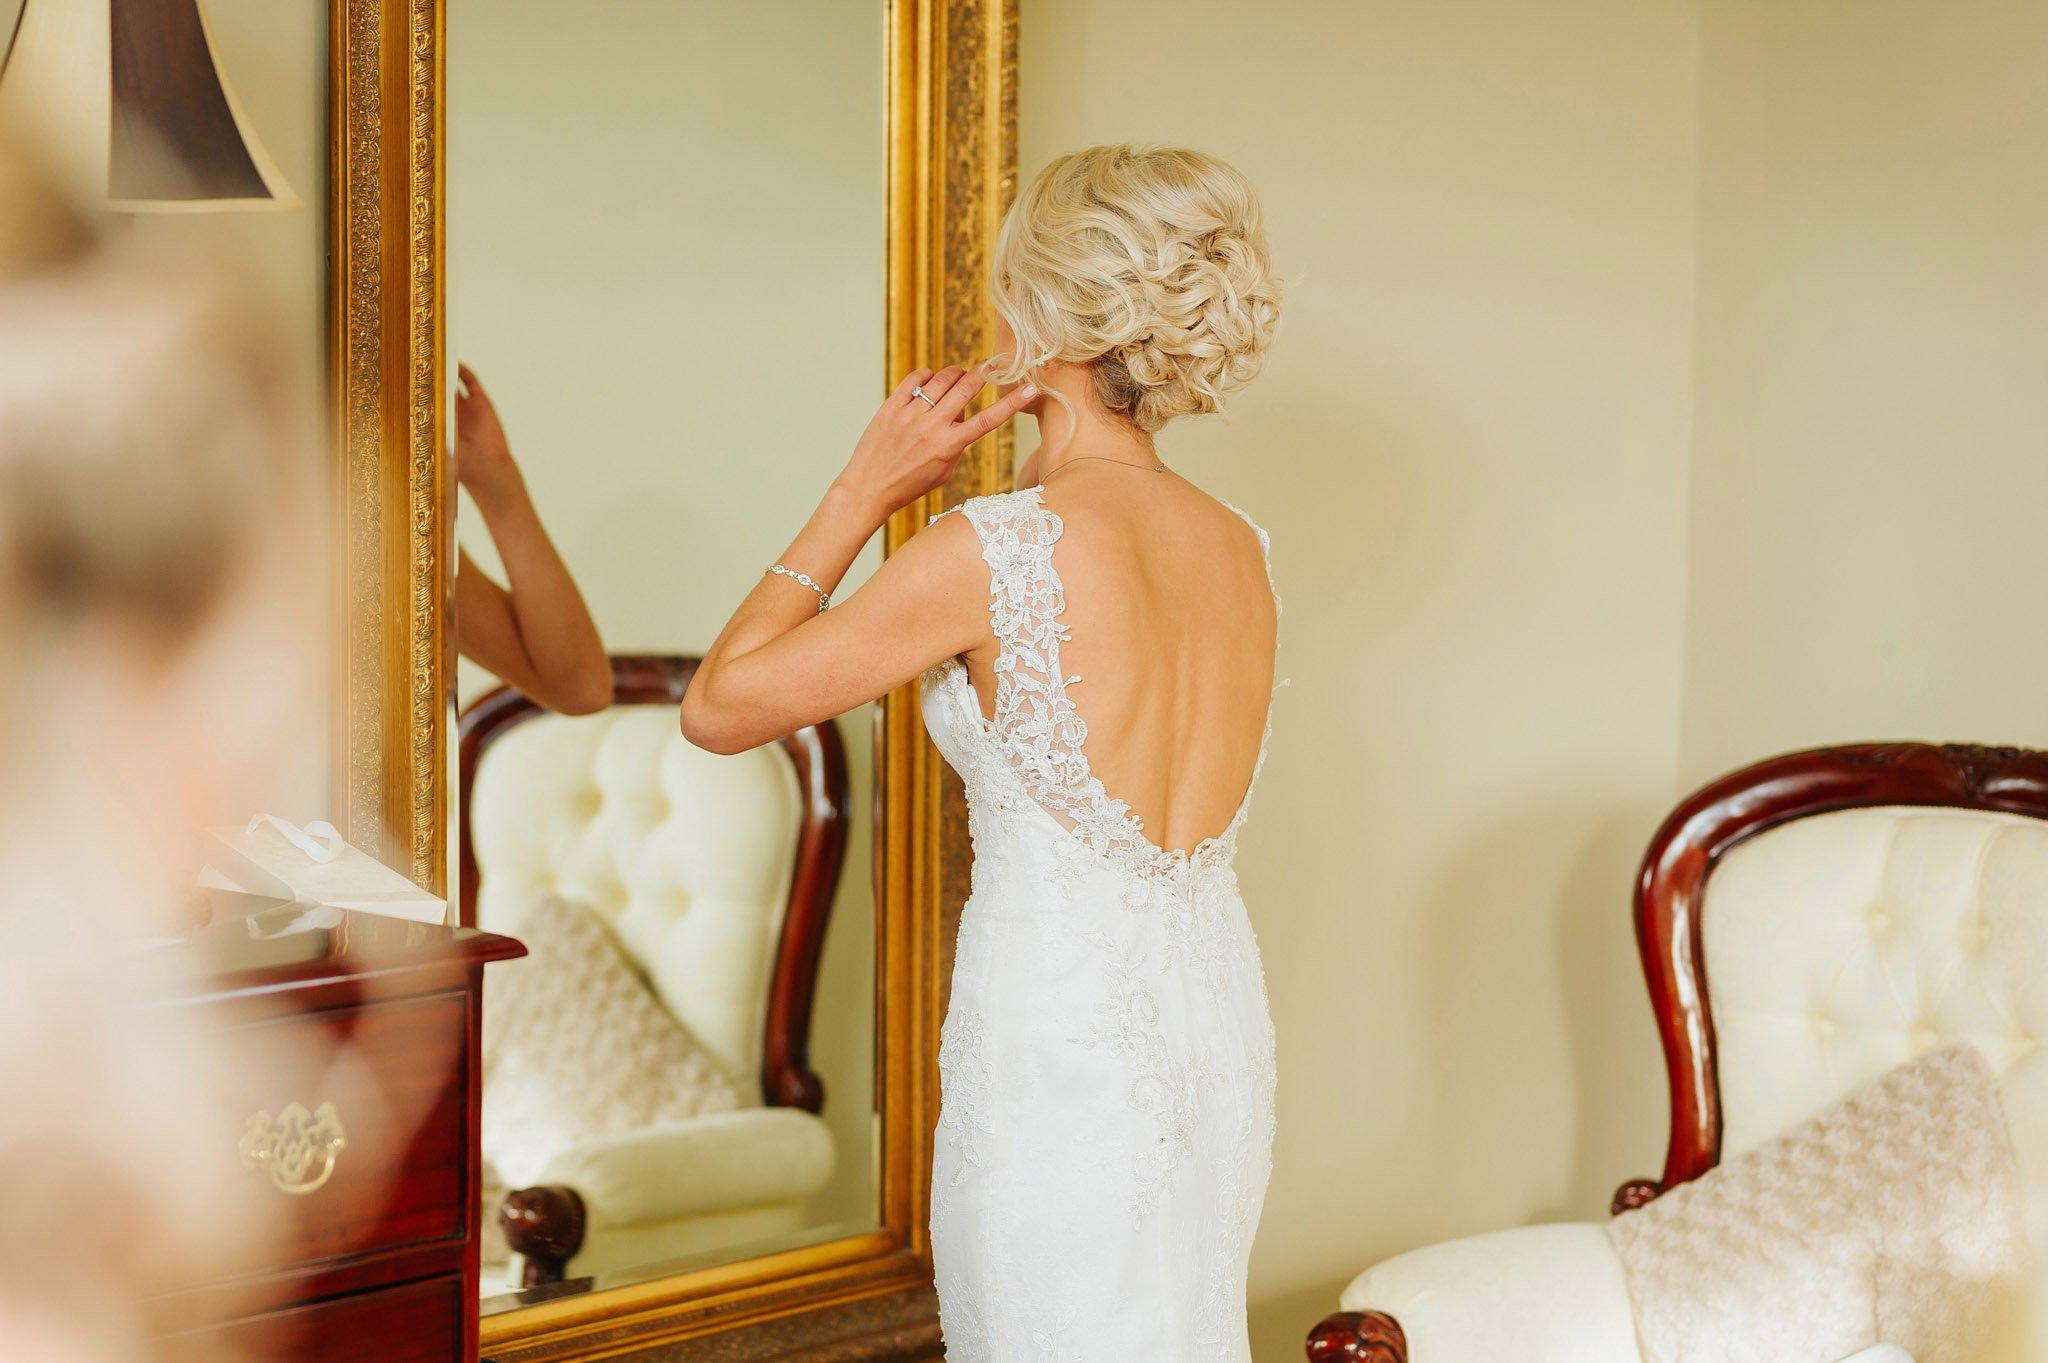 Lemore Manor wedding, Herefordshire - West Midlands | Sadie + Ken 25